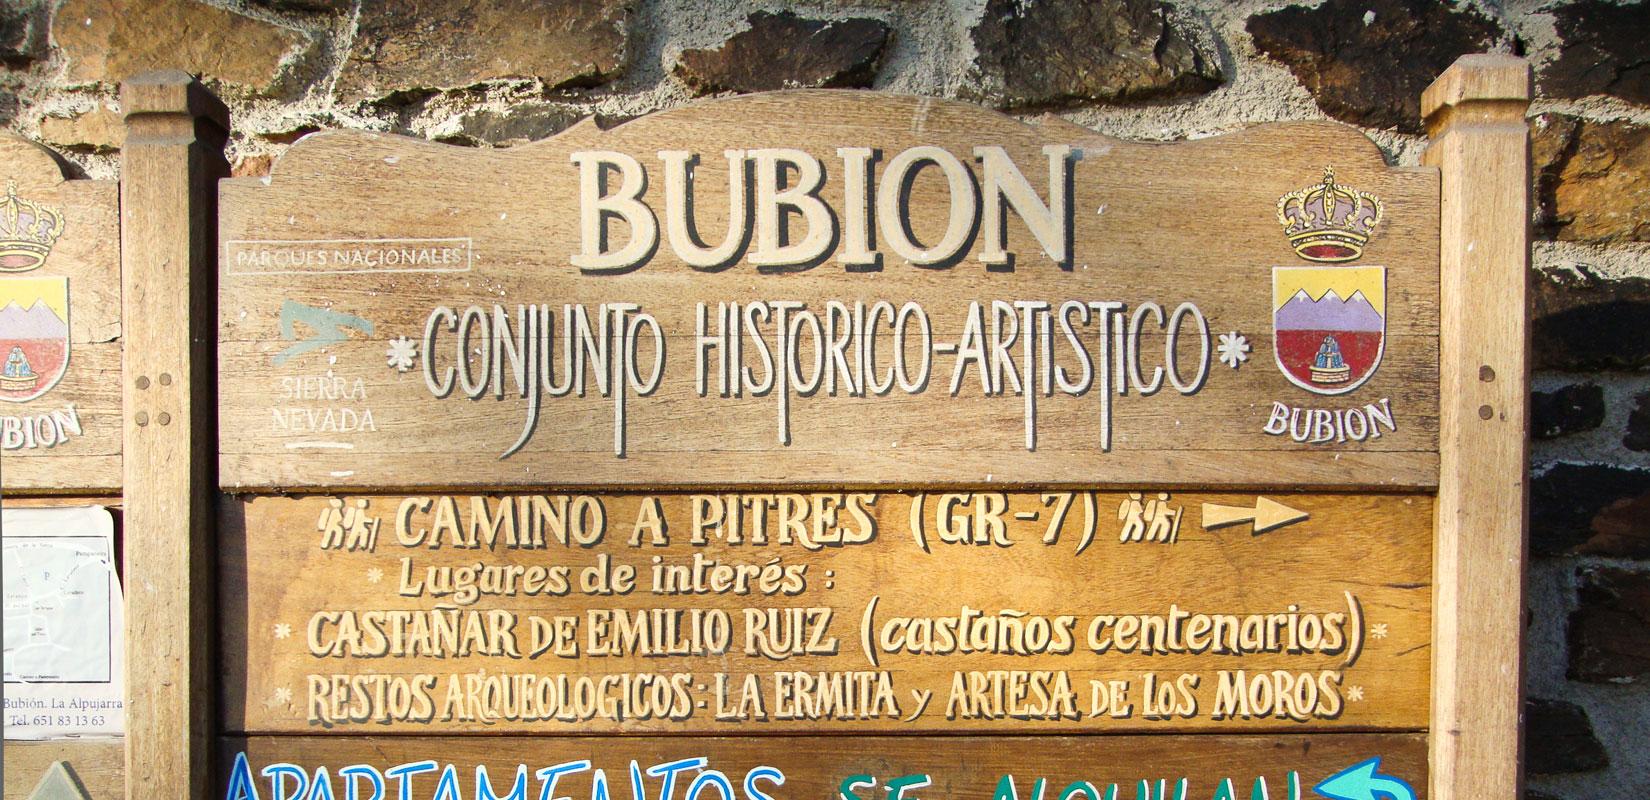 bubion_1